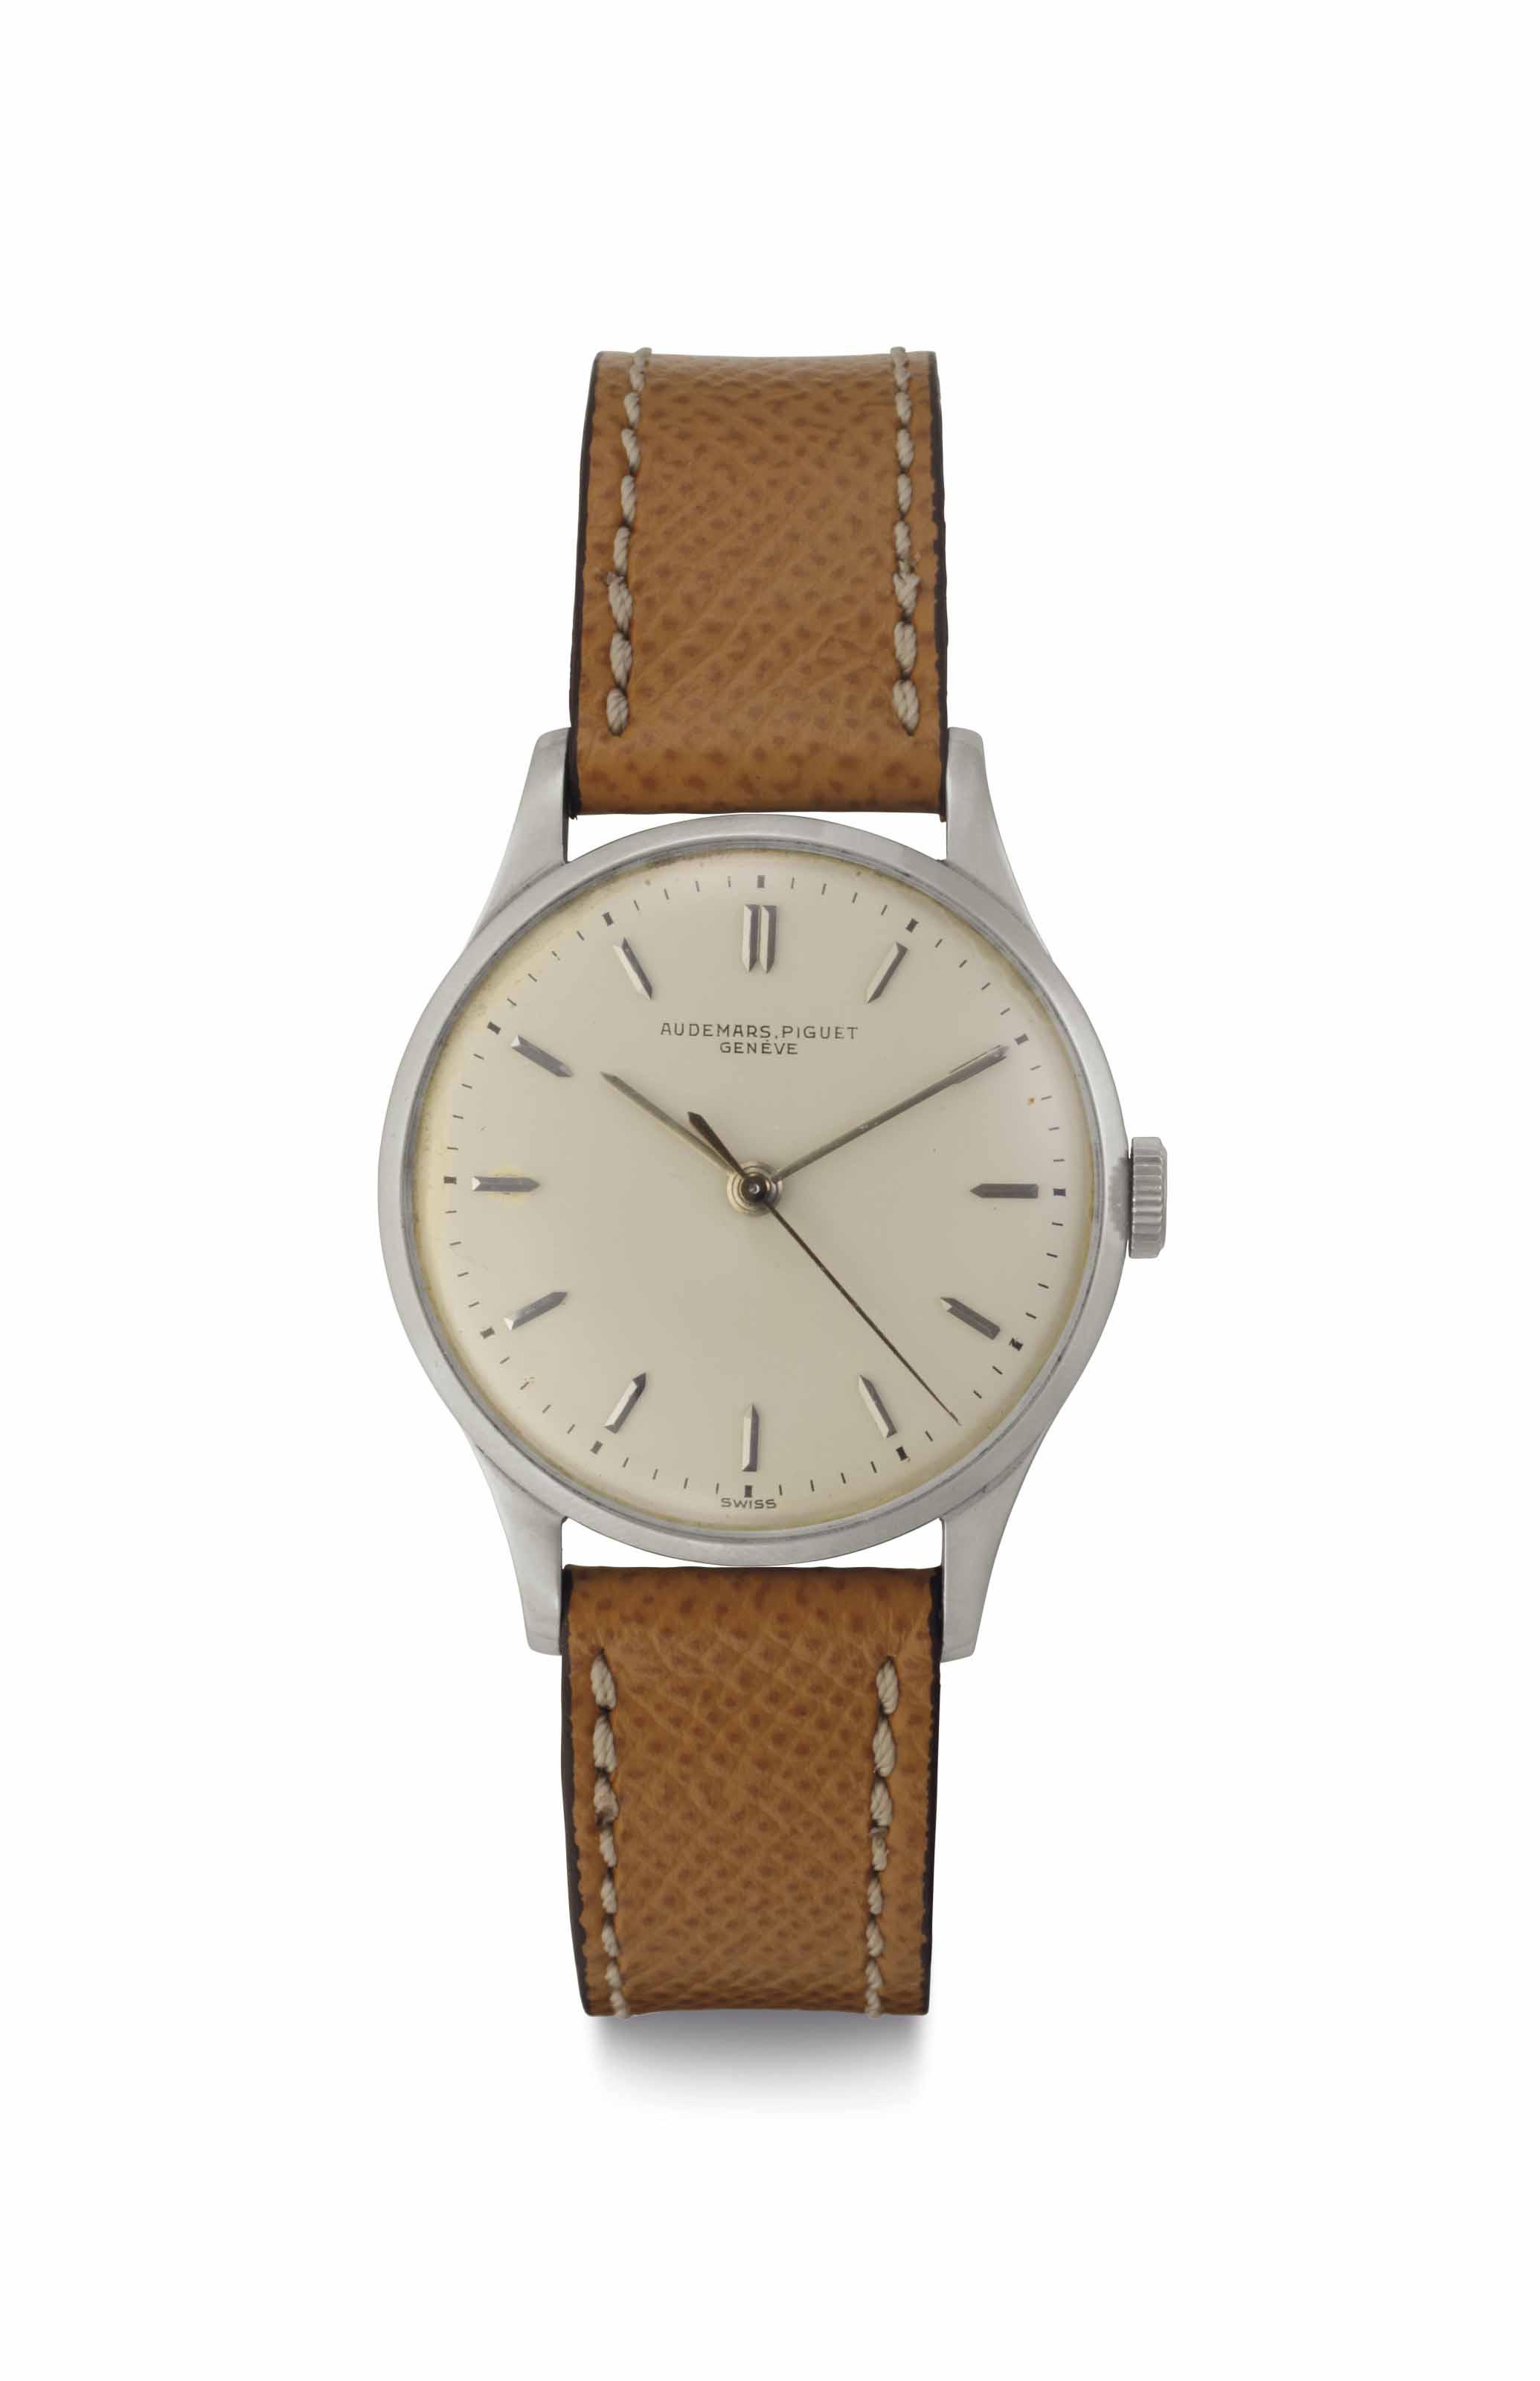 Audemars Piguet. A Fine Stainless Steel Wristwatch with Center Seconds